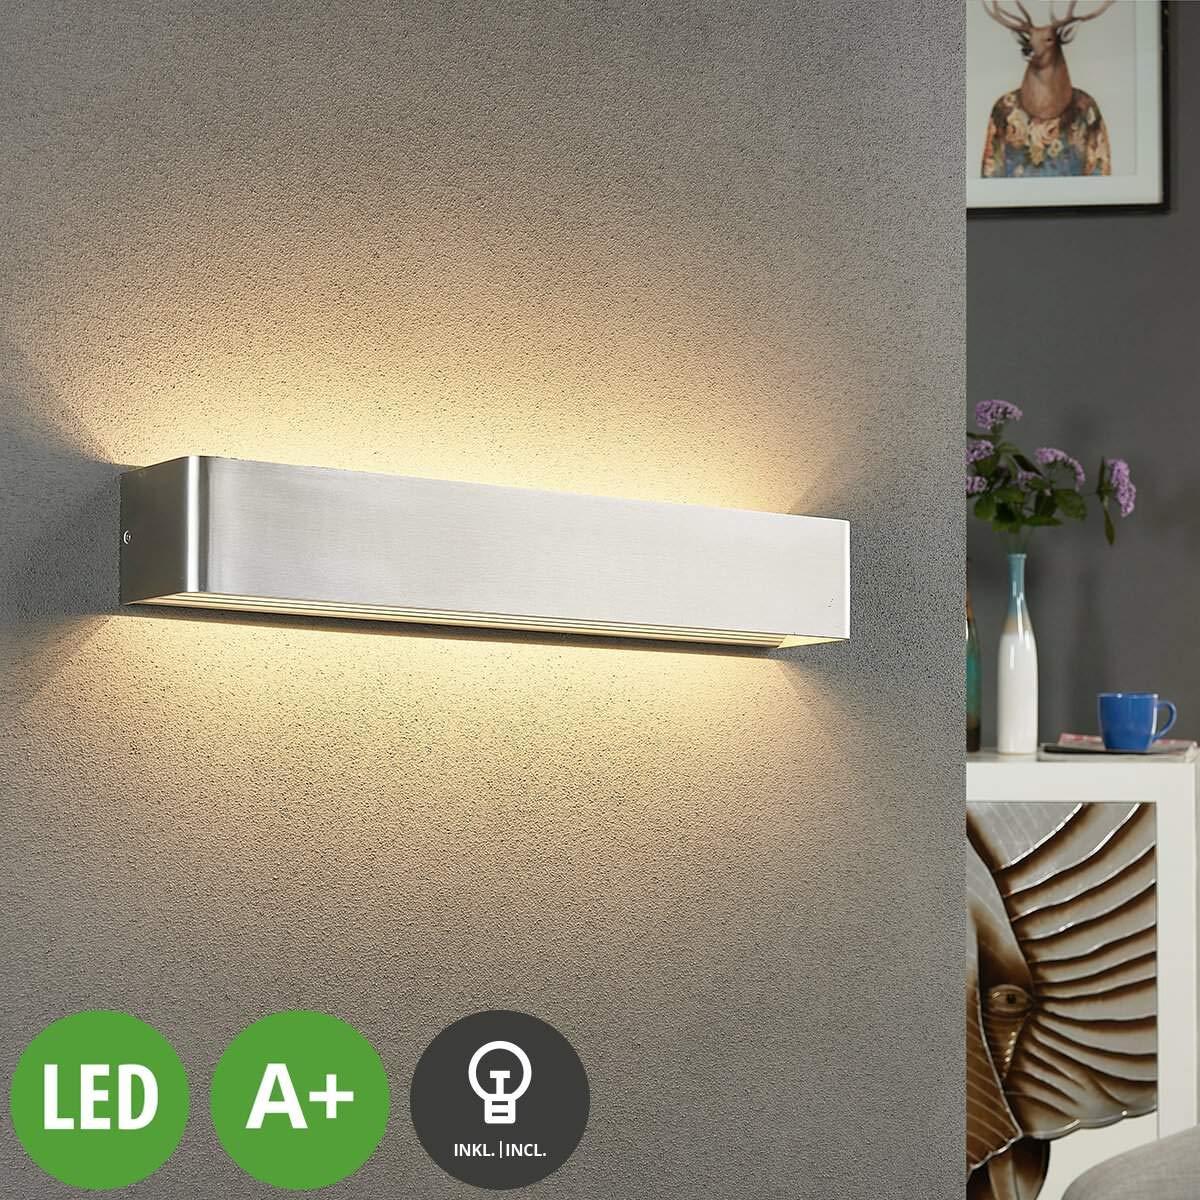 """Lampenwelt LED Wandleuchte""""Lonisa"""" (Modern) in Alu aus Metall u.a. für Wohnzimmer & Esszimmer (A+, inkl. Leuchtmittel)   LED-Wandlampe, Wandlampe, Licht nach oben unten, Wohnzimmerlampe"""